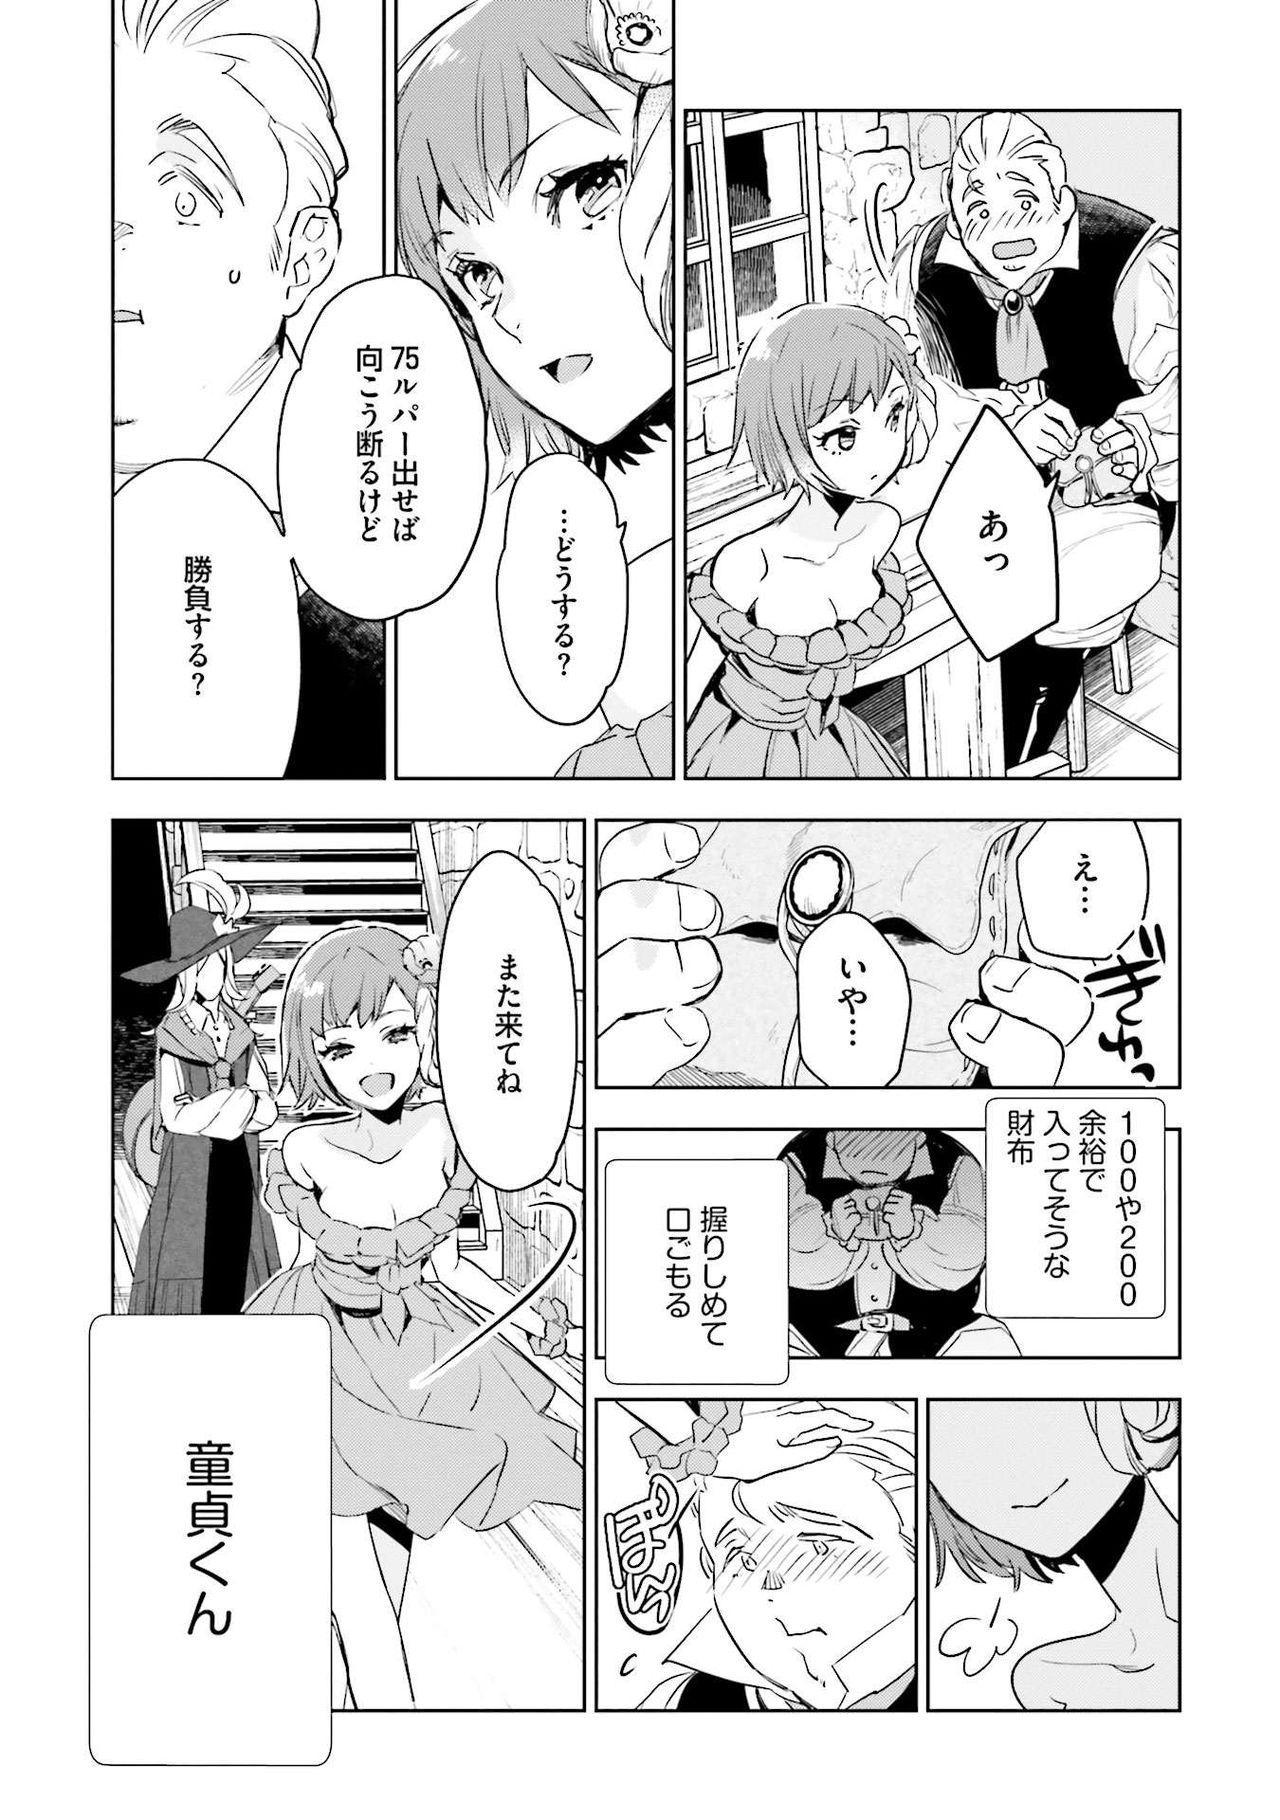 JK Haru wa Isekai de Shoufu ni Natta 1-14 104